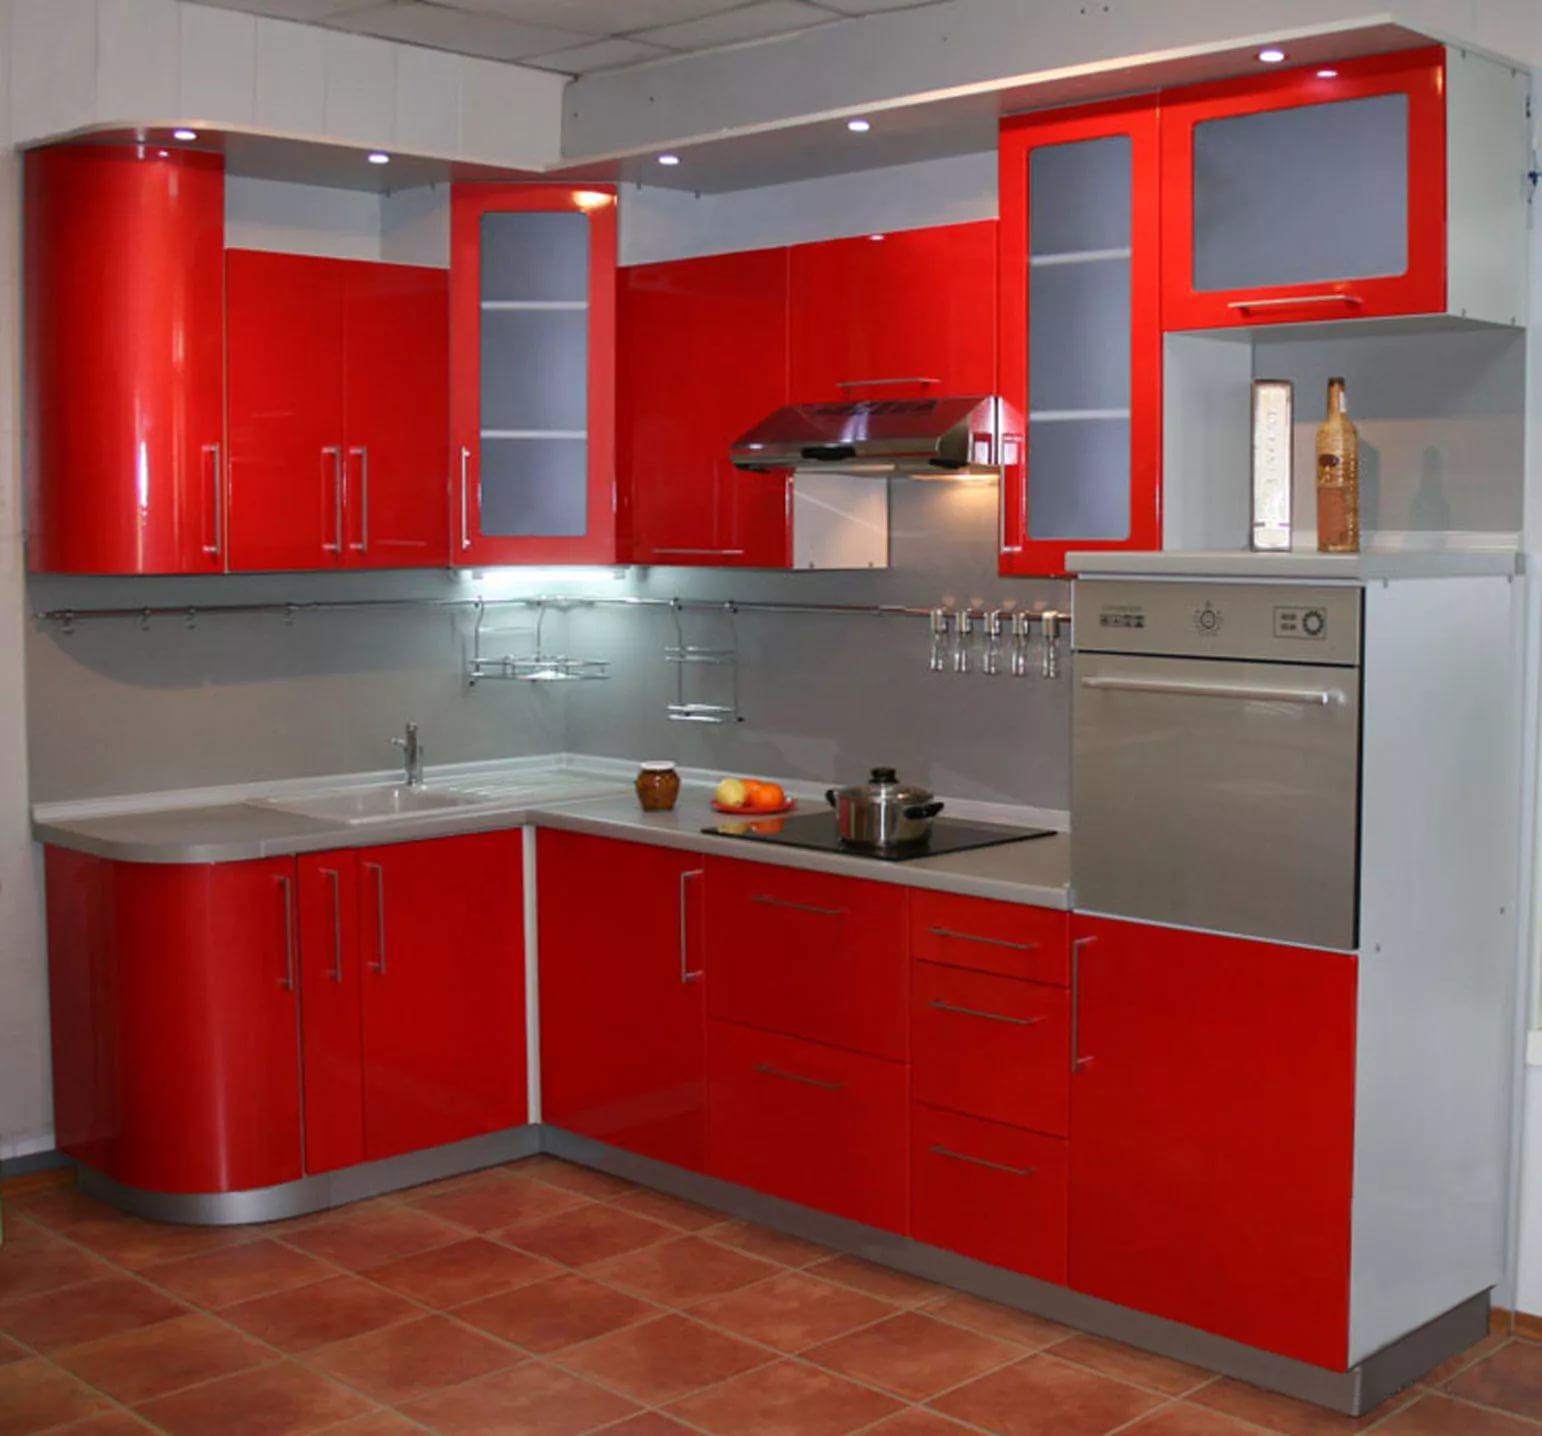 вариант дизайн интерьера небольшой кухни красного цвета